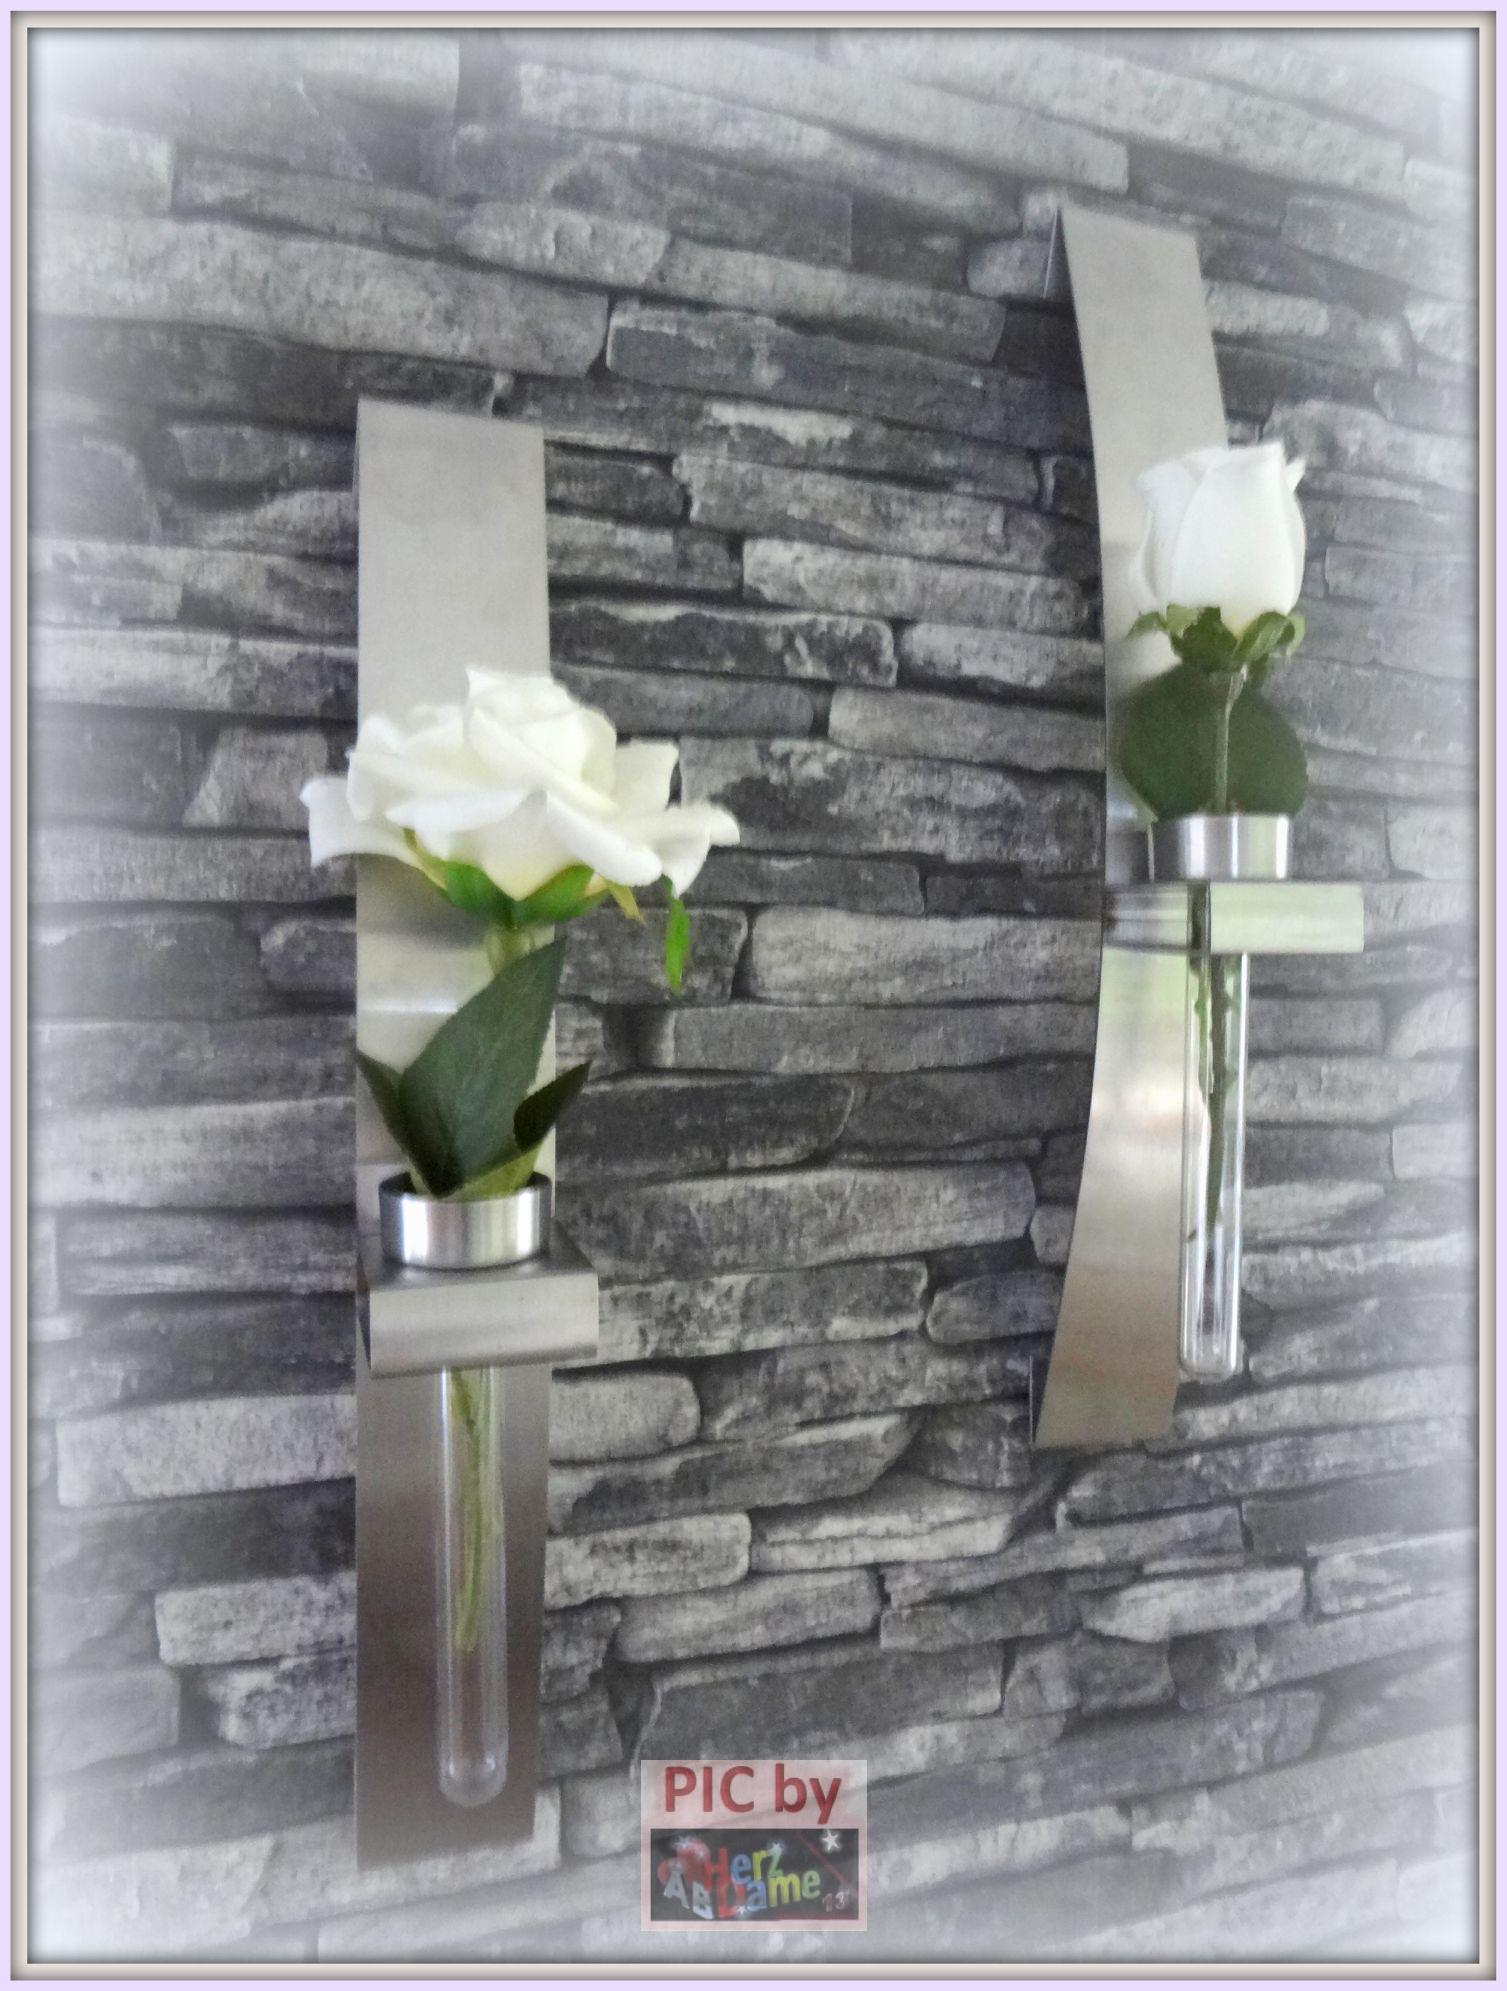 ab691 twin deko teelichthalter 2er vase wand edler stahl metall teelichter neu ebay. Black Bedroom Furniture Sets. Home Design Ideas